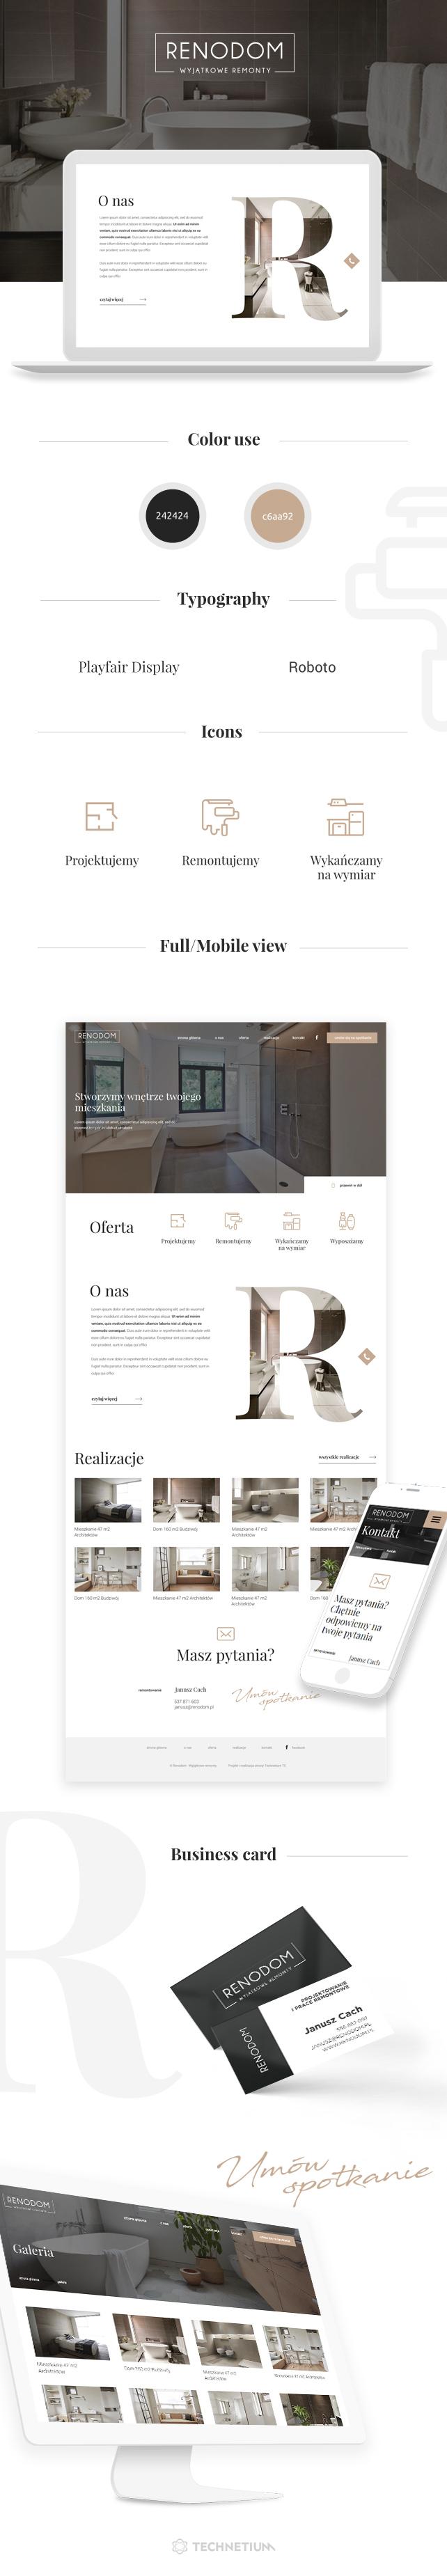 Strona www, identyfikacja wizualna Renodom